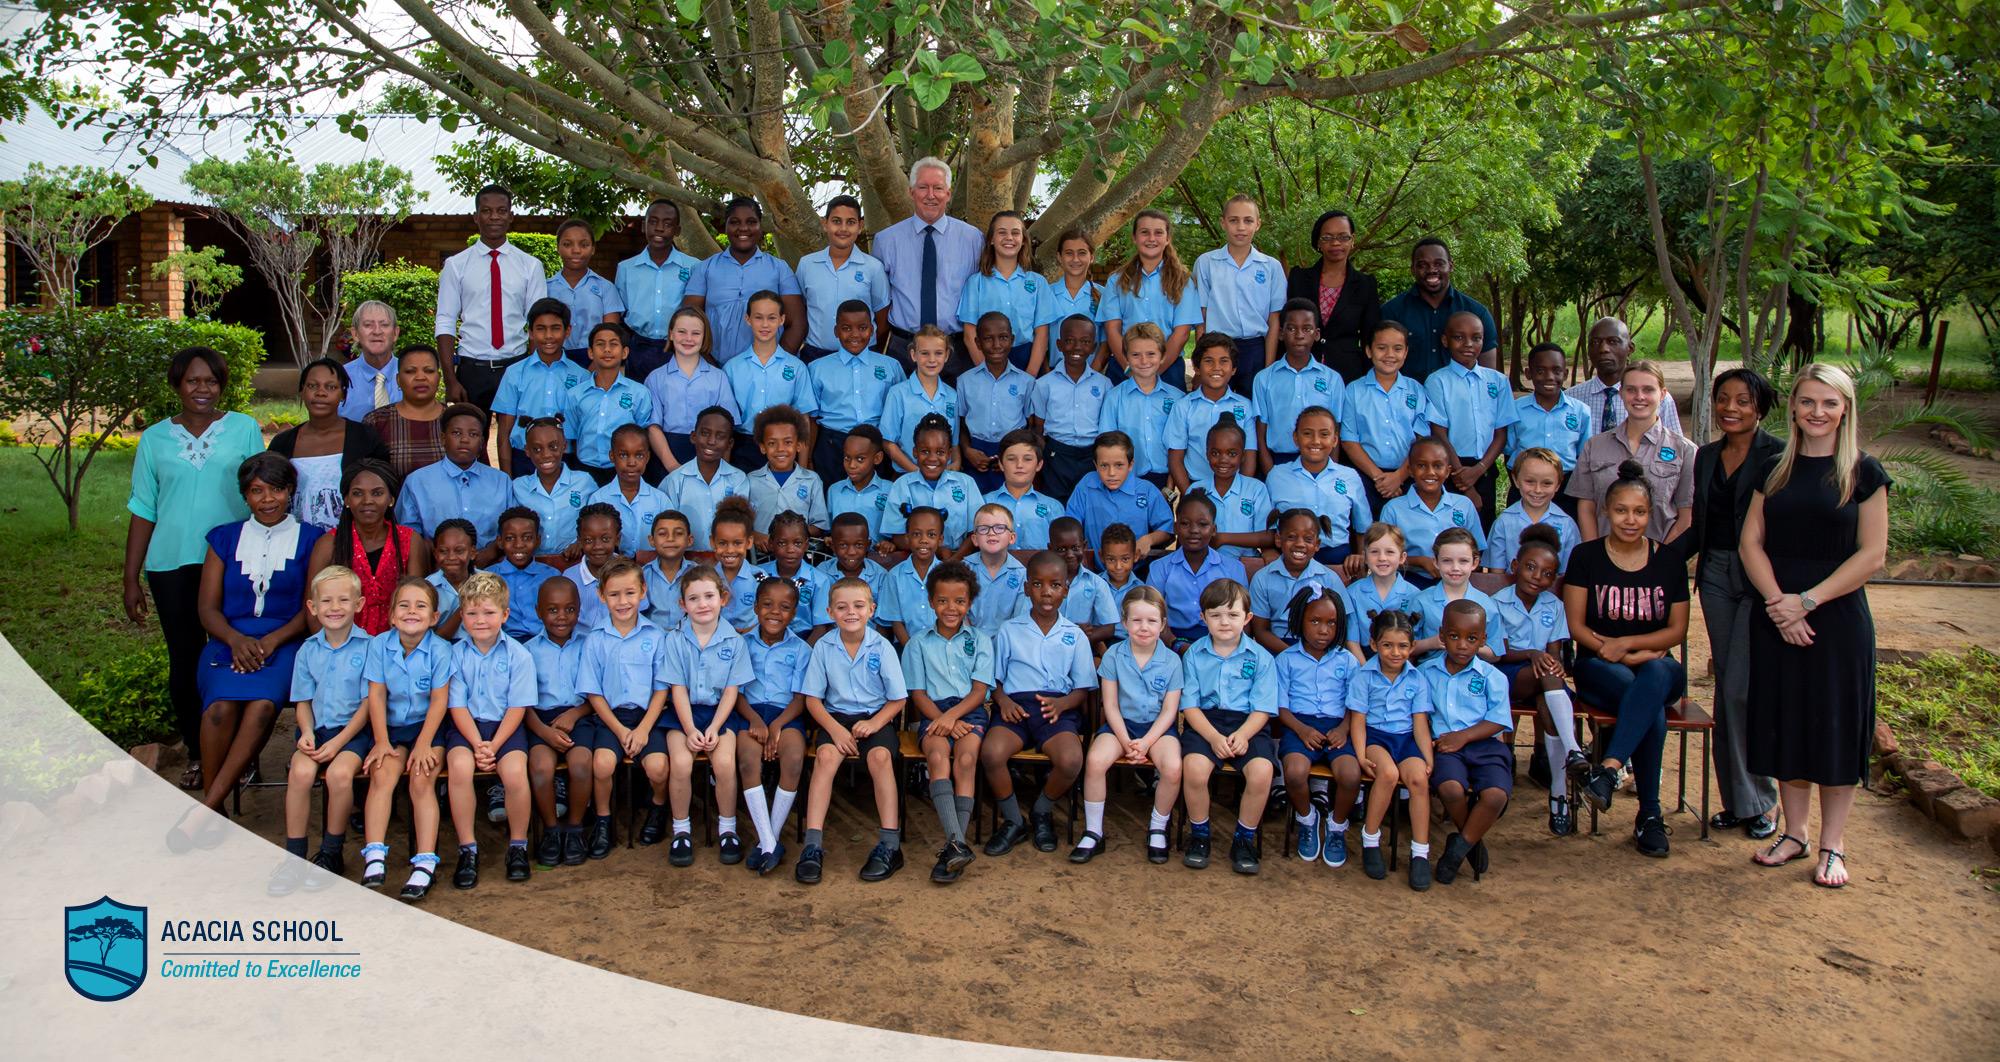 School Photo 2020